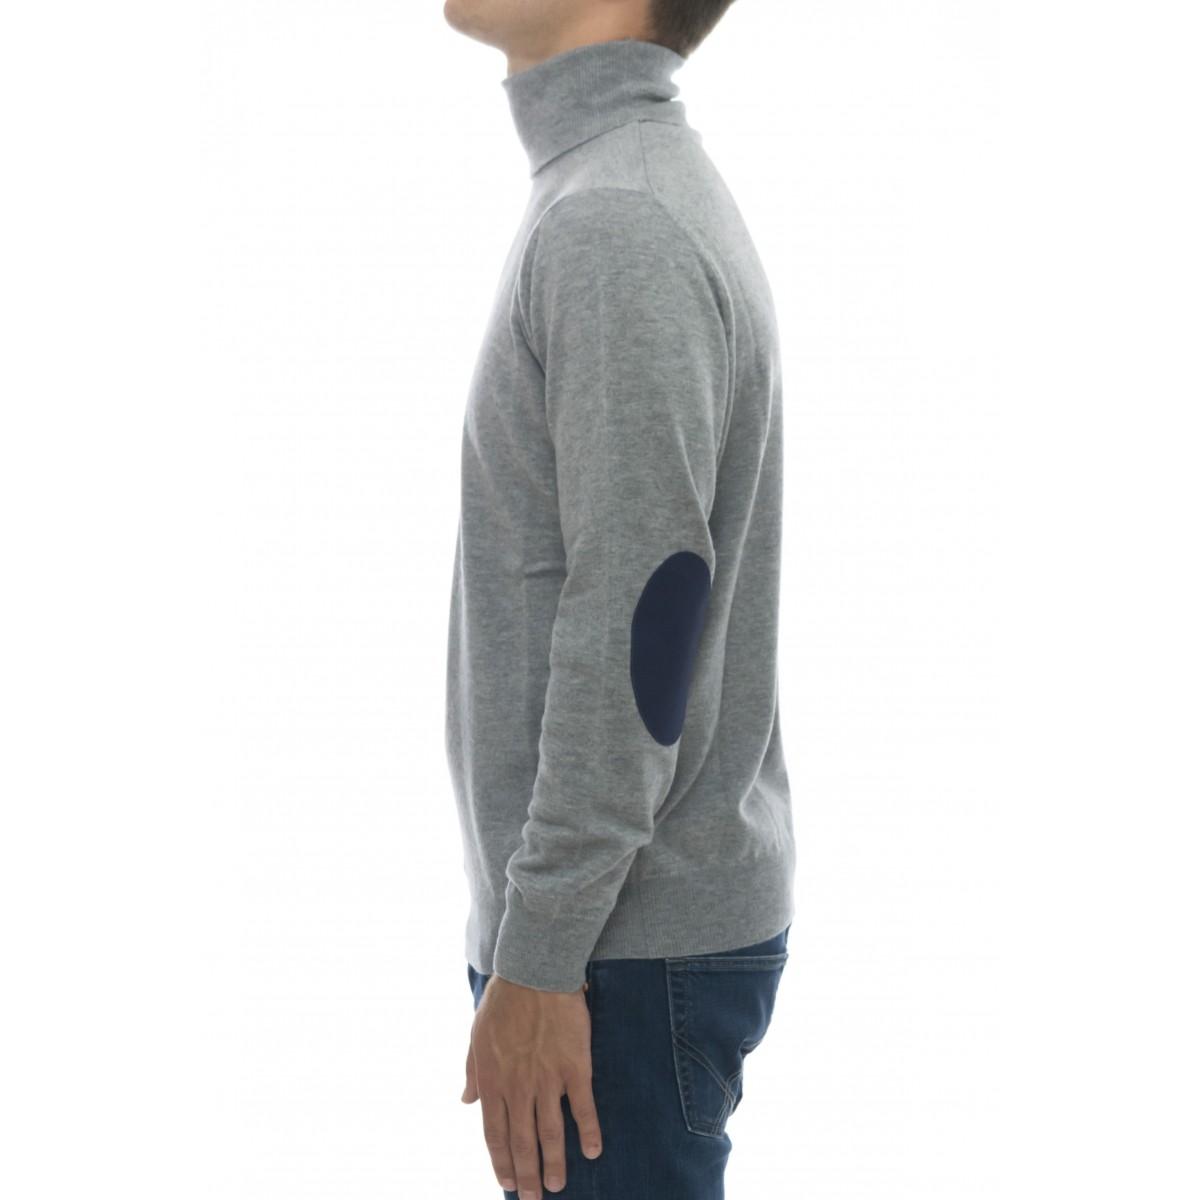 Maglia uomo - 1008/05/01  maglia collo alto 100% lana merinos extrafine